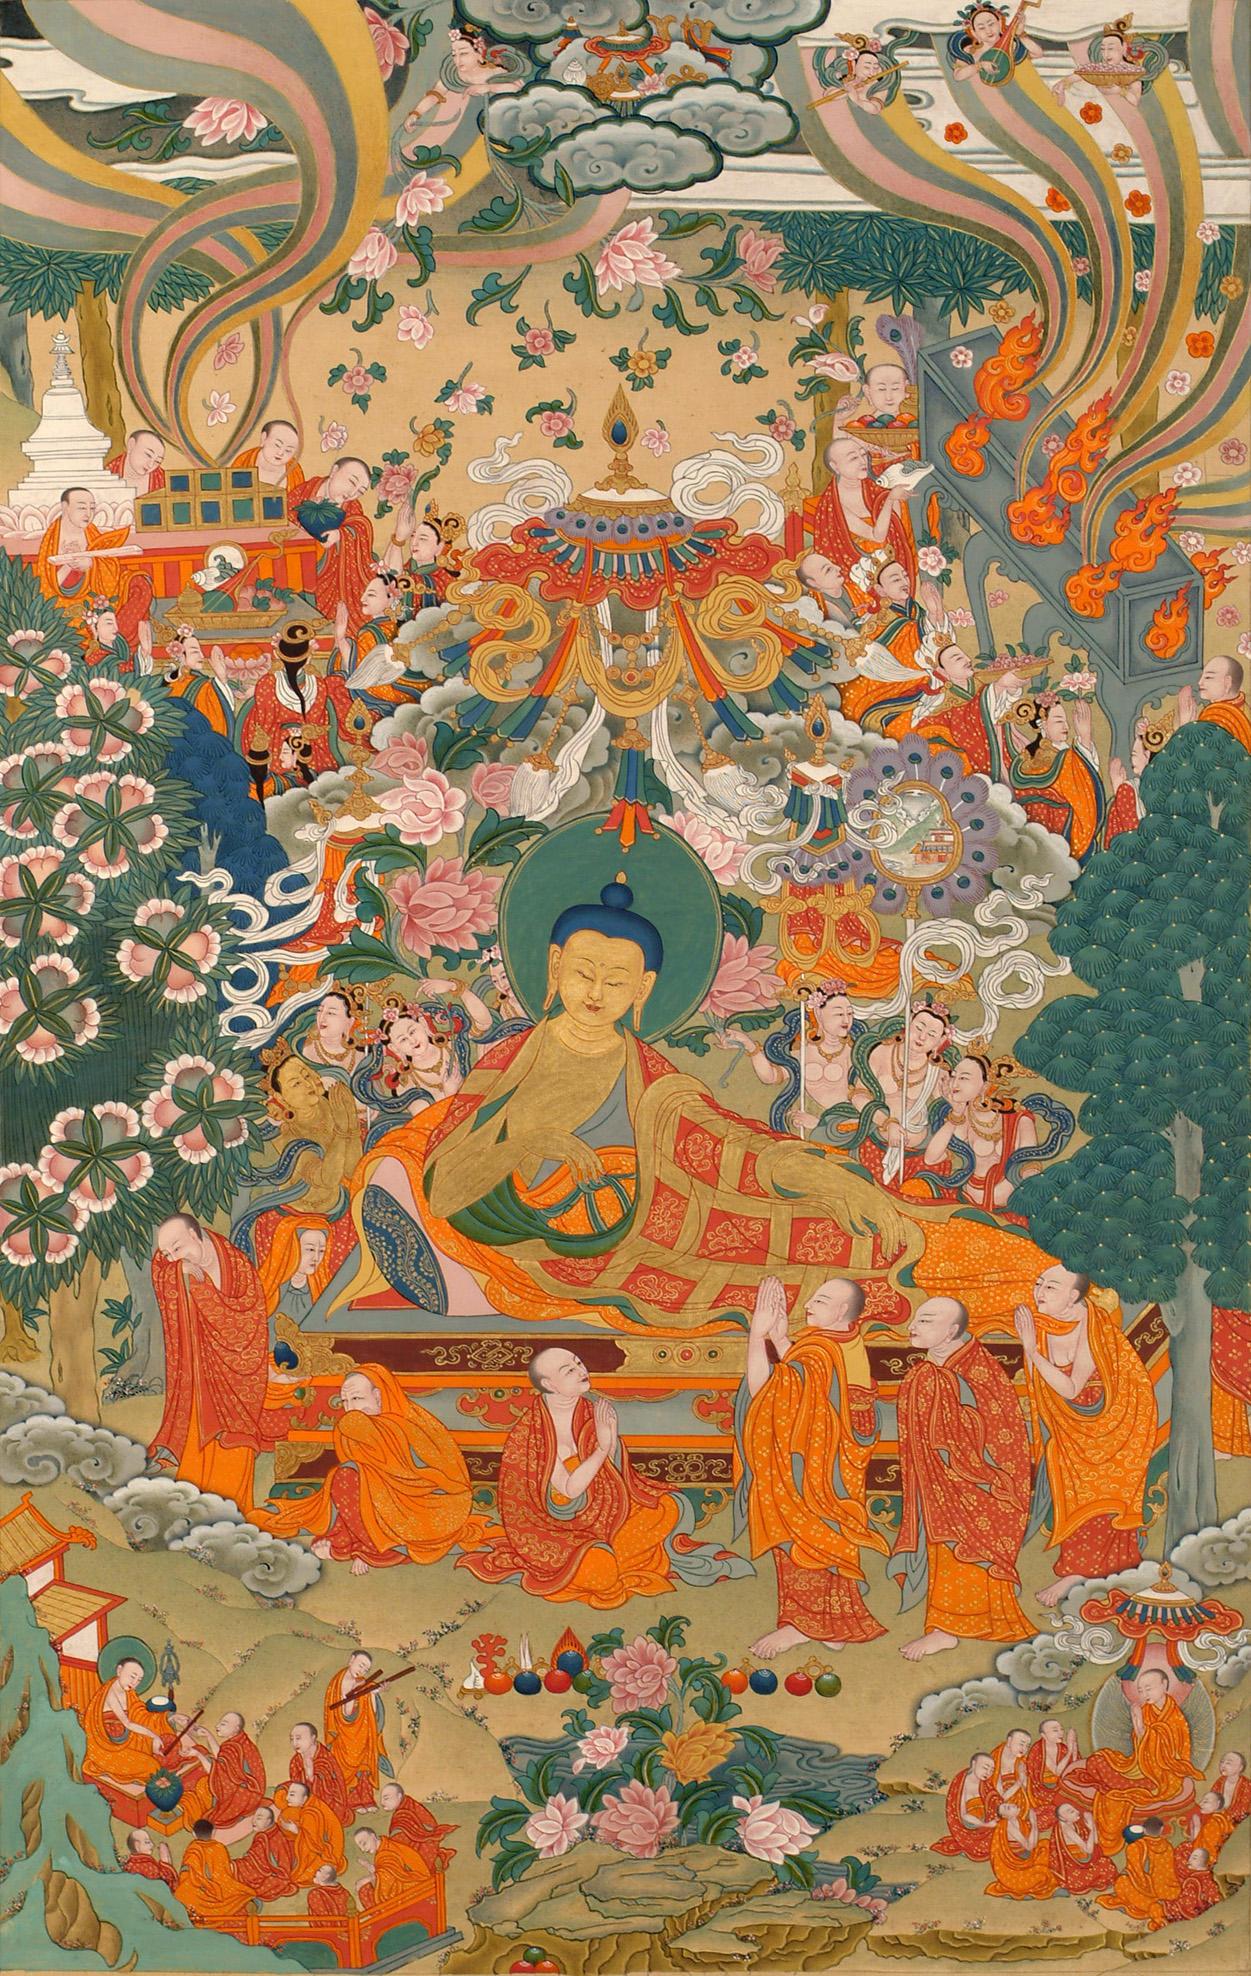 Passing into Mahaparinirvana